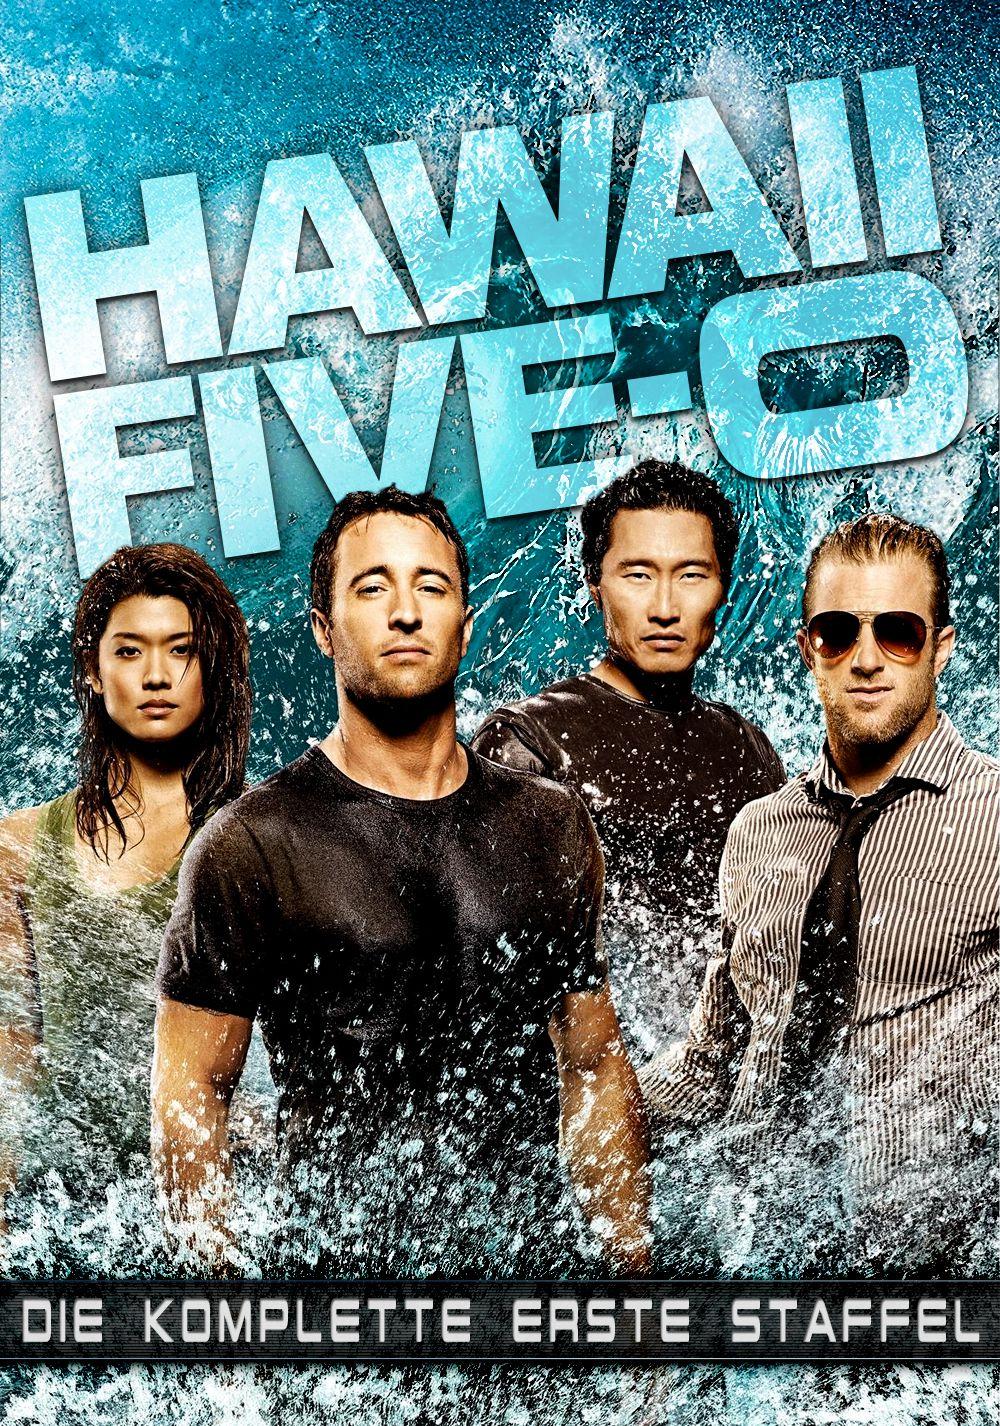 Hawai 5o